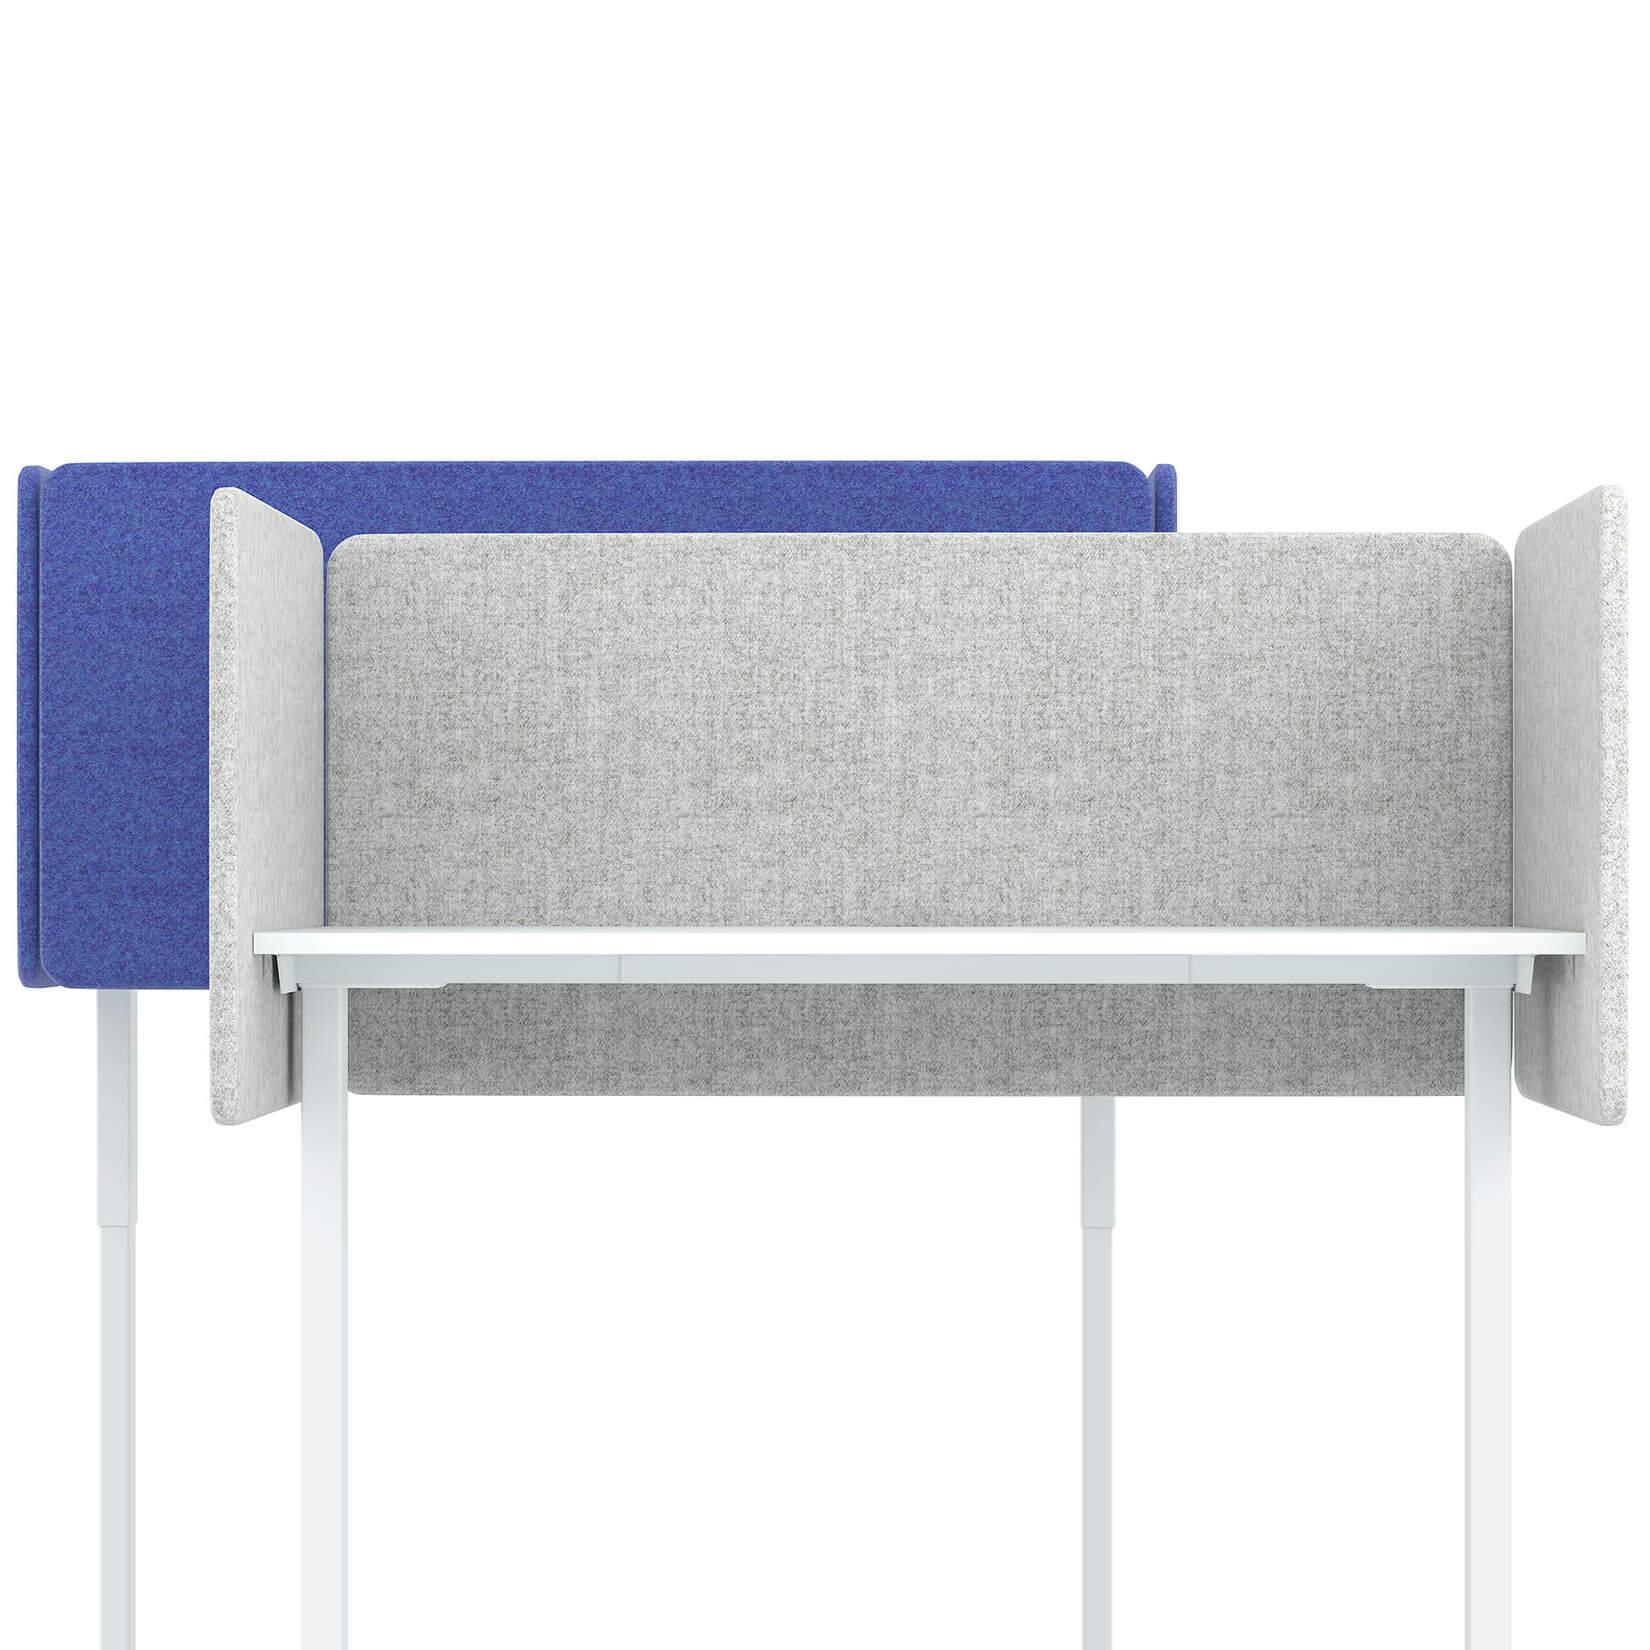 Akustik Tischtrennwand DESK Sichtschutz Lärmschutz Schallabsorbierend Raumteiler